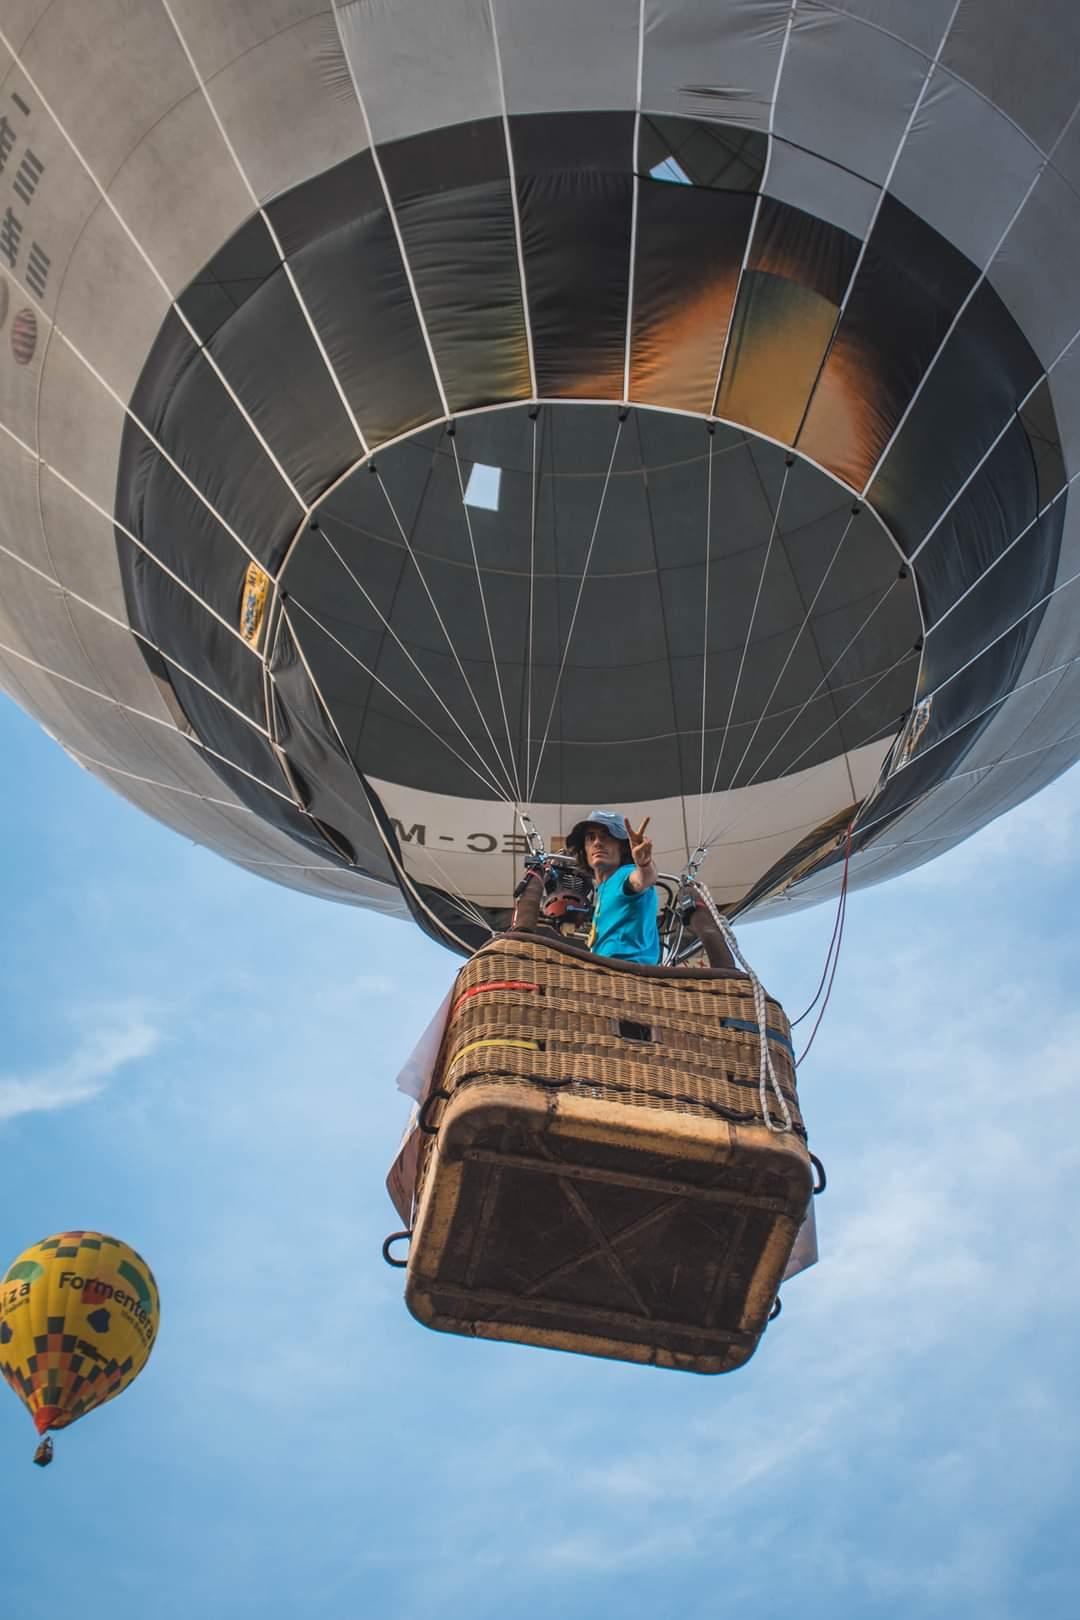 Blai Carbonell, l'únic valencià que juga amb els globus al cel d'Hongria El Periòdic d'Ontinyent - Noticies a Ontinyent